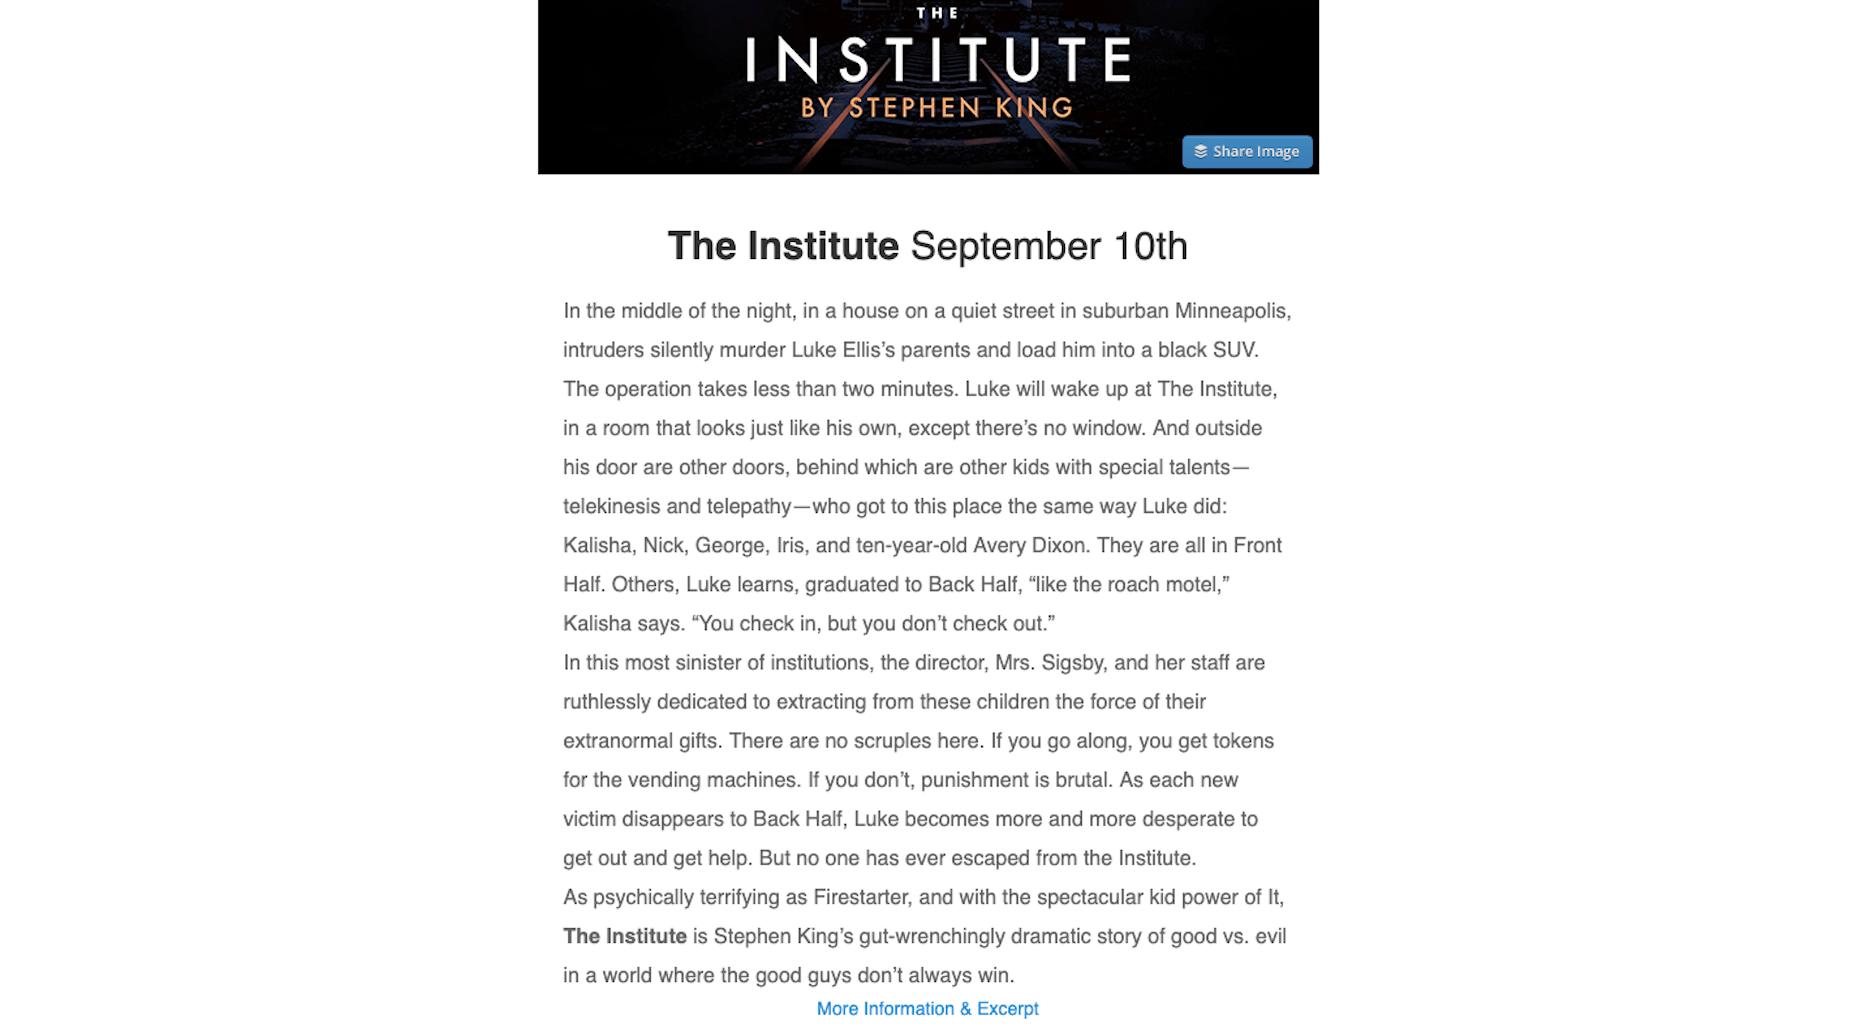 Stephen King Newsletter